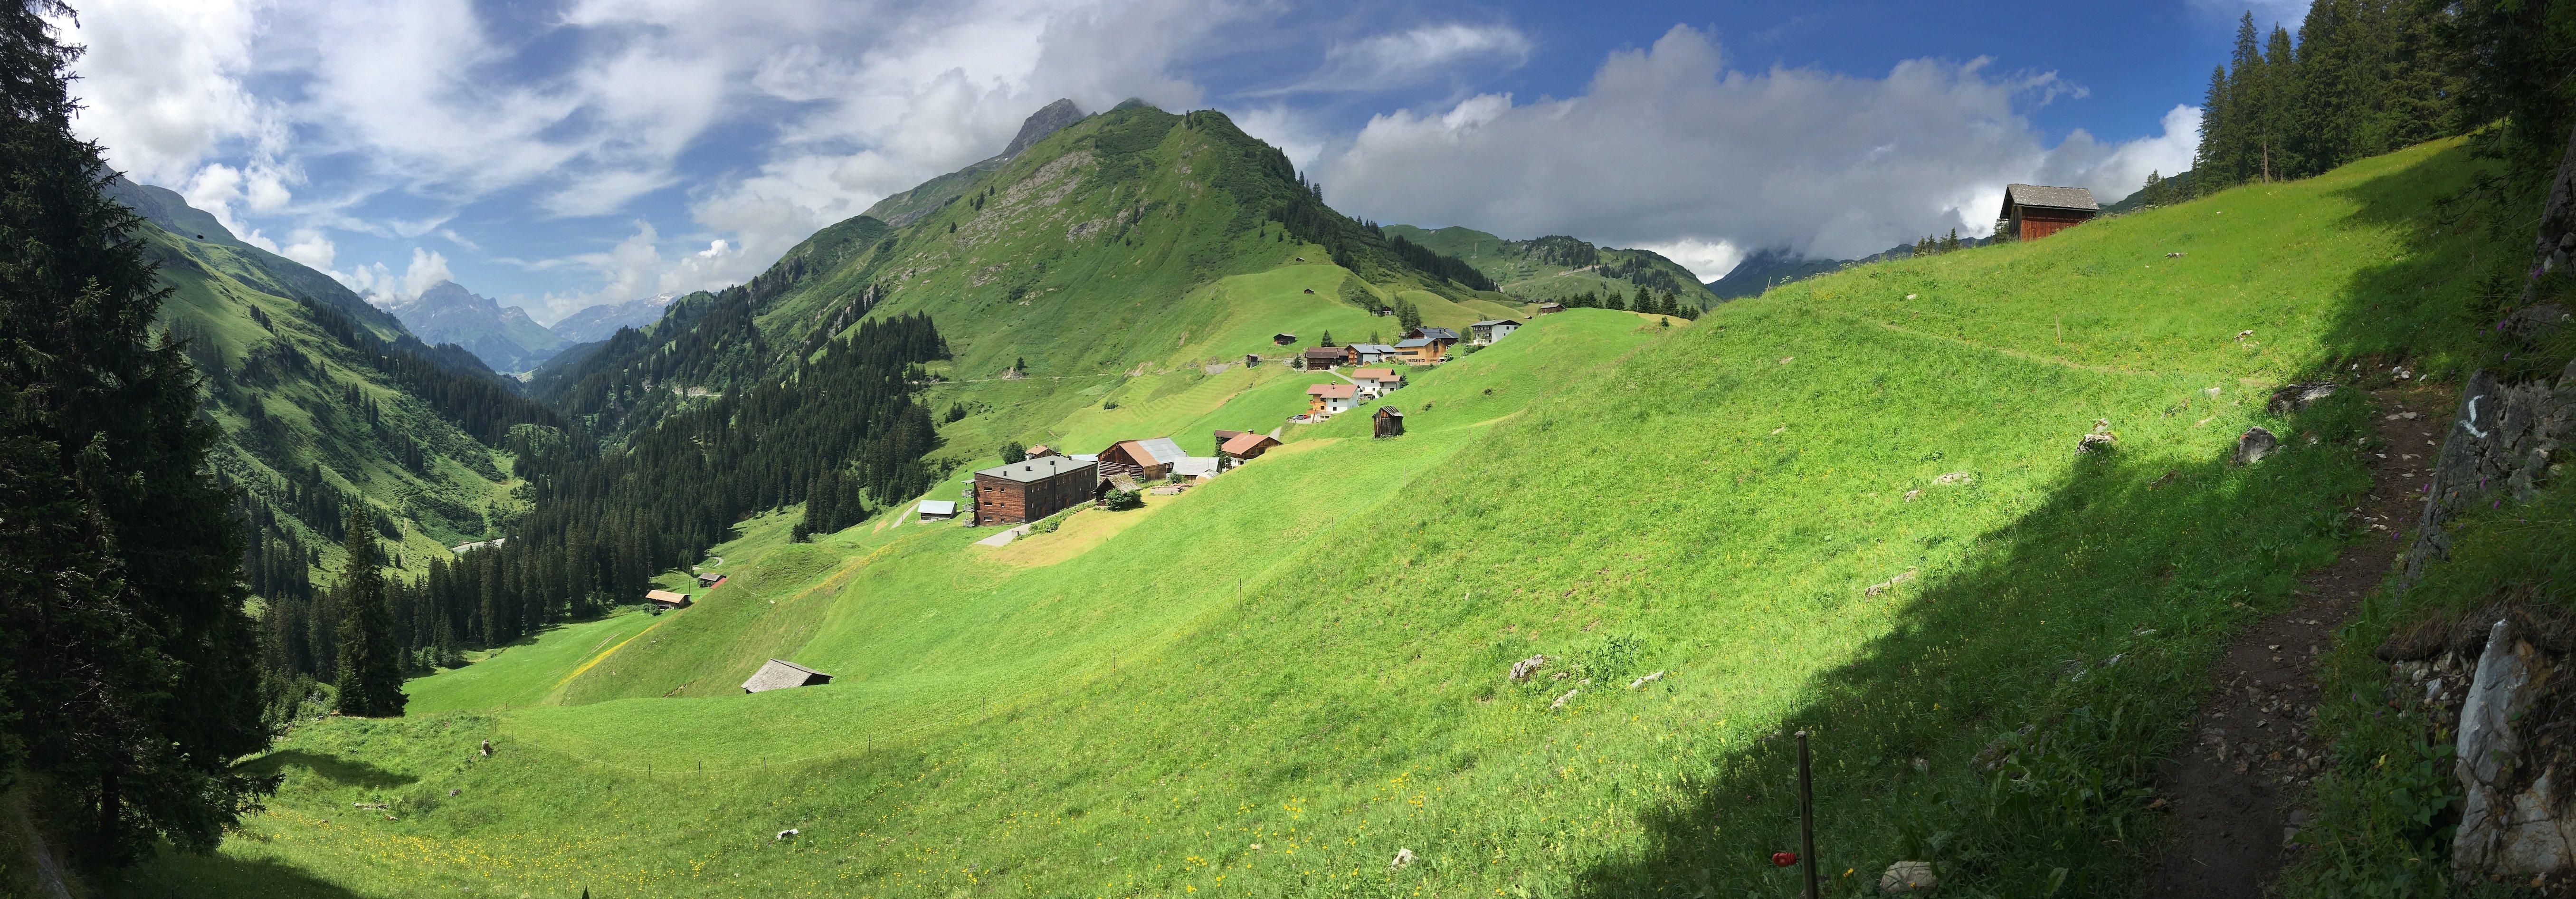 Panorama ins Lechtal in Richtung Lech, kurz vor Warth auf dem Lechweg, zweite Etappe